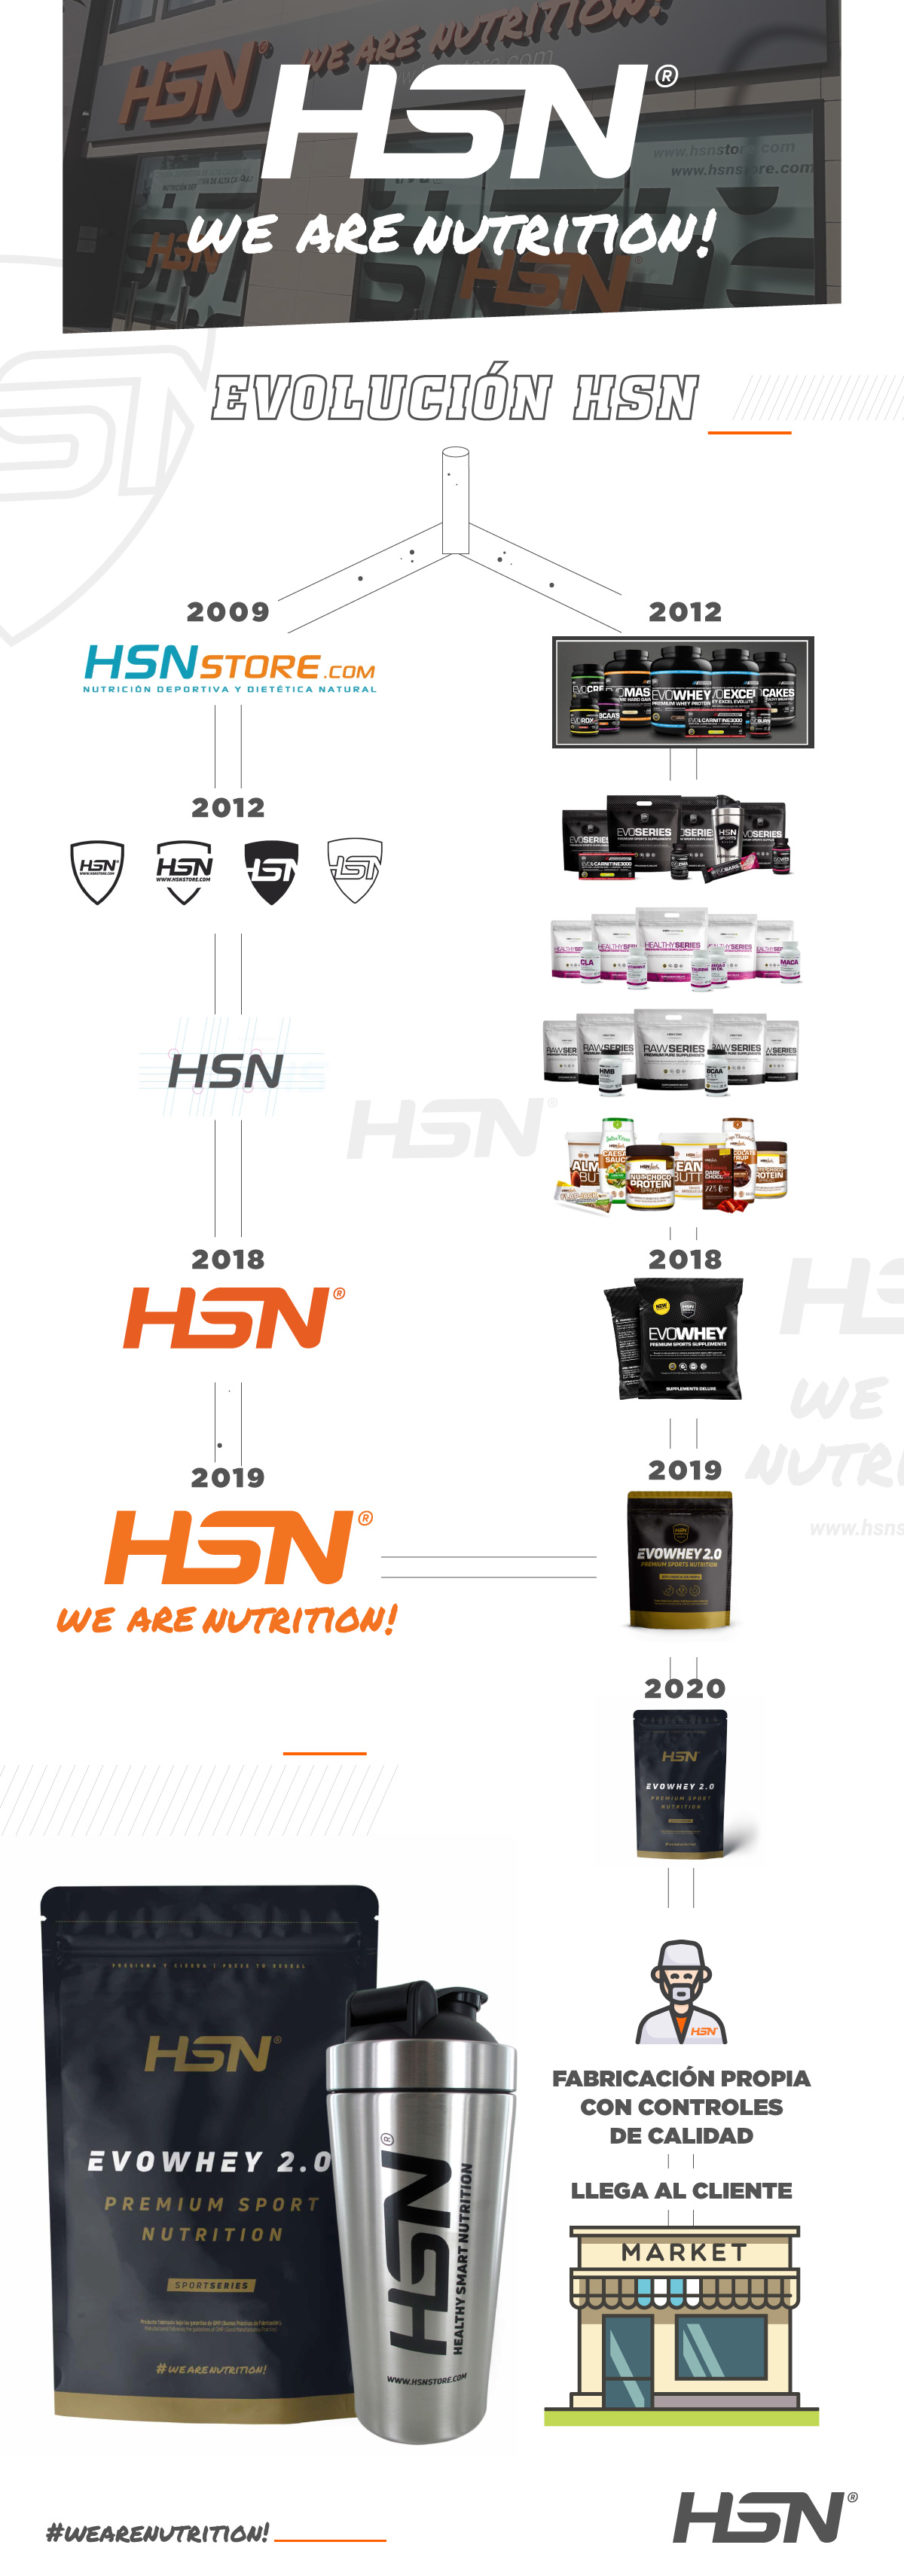 Evolución HSN